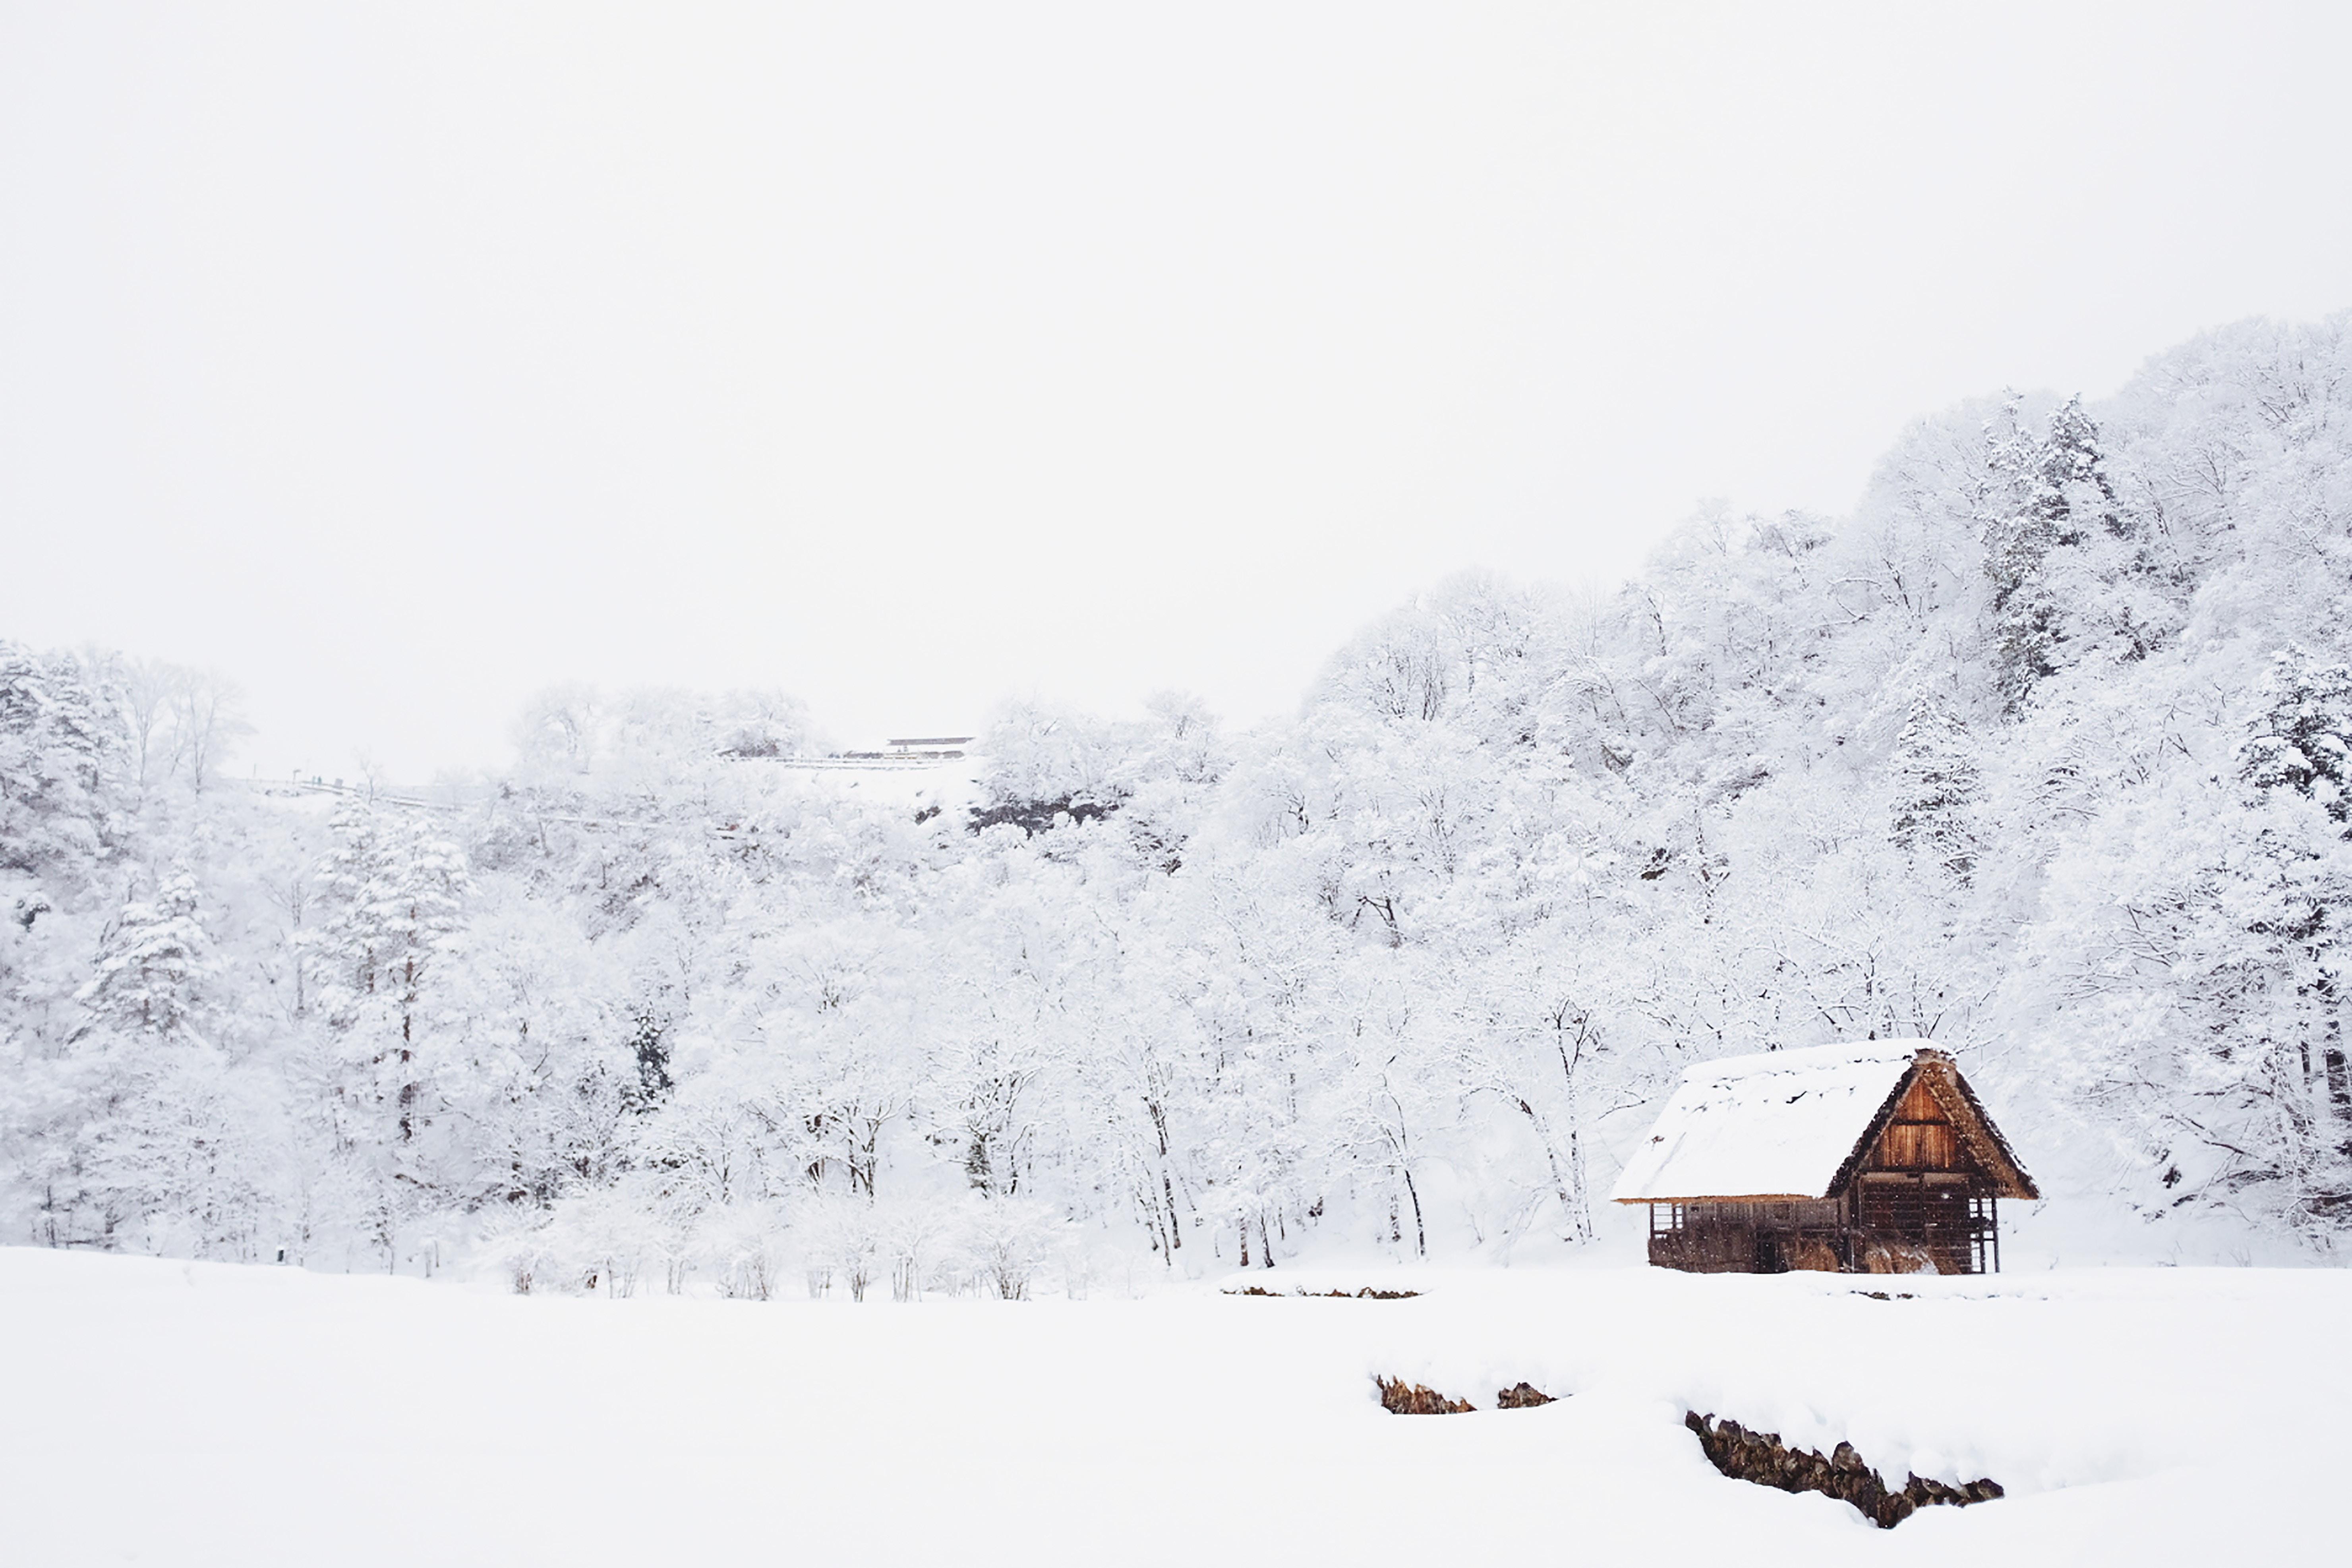 Voorbereid op wintersport - sneeuw